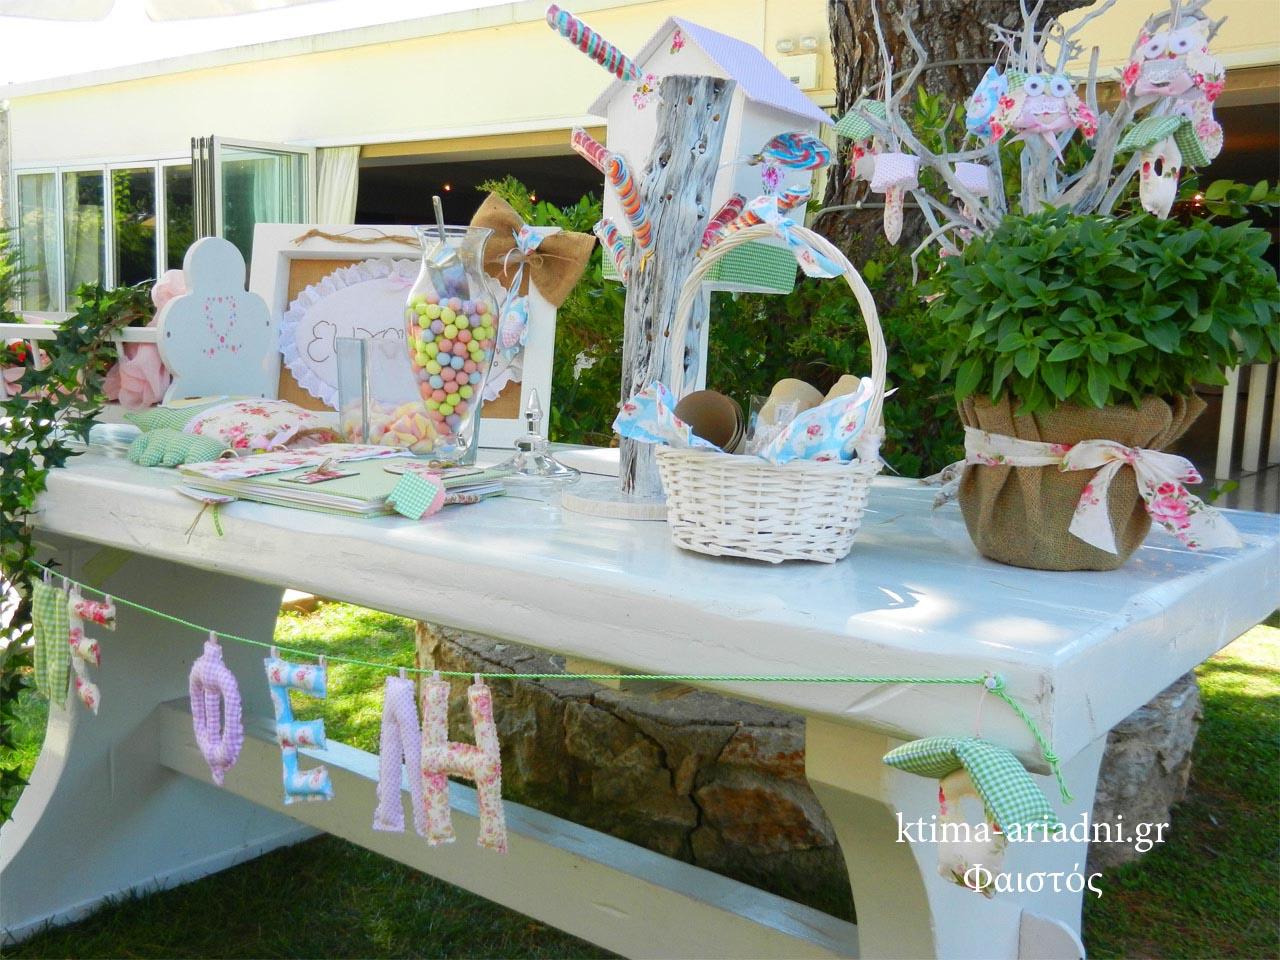 vaptisi-koukouvagia-roz-floral-decor-5020-a